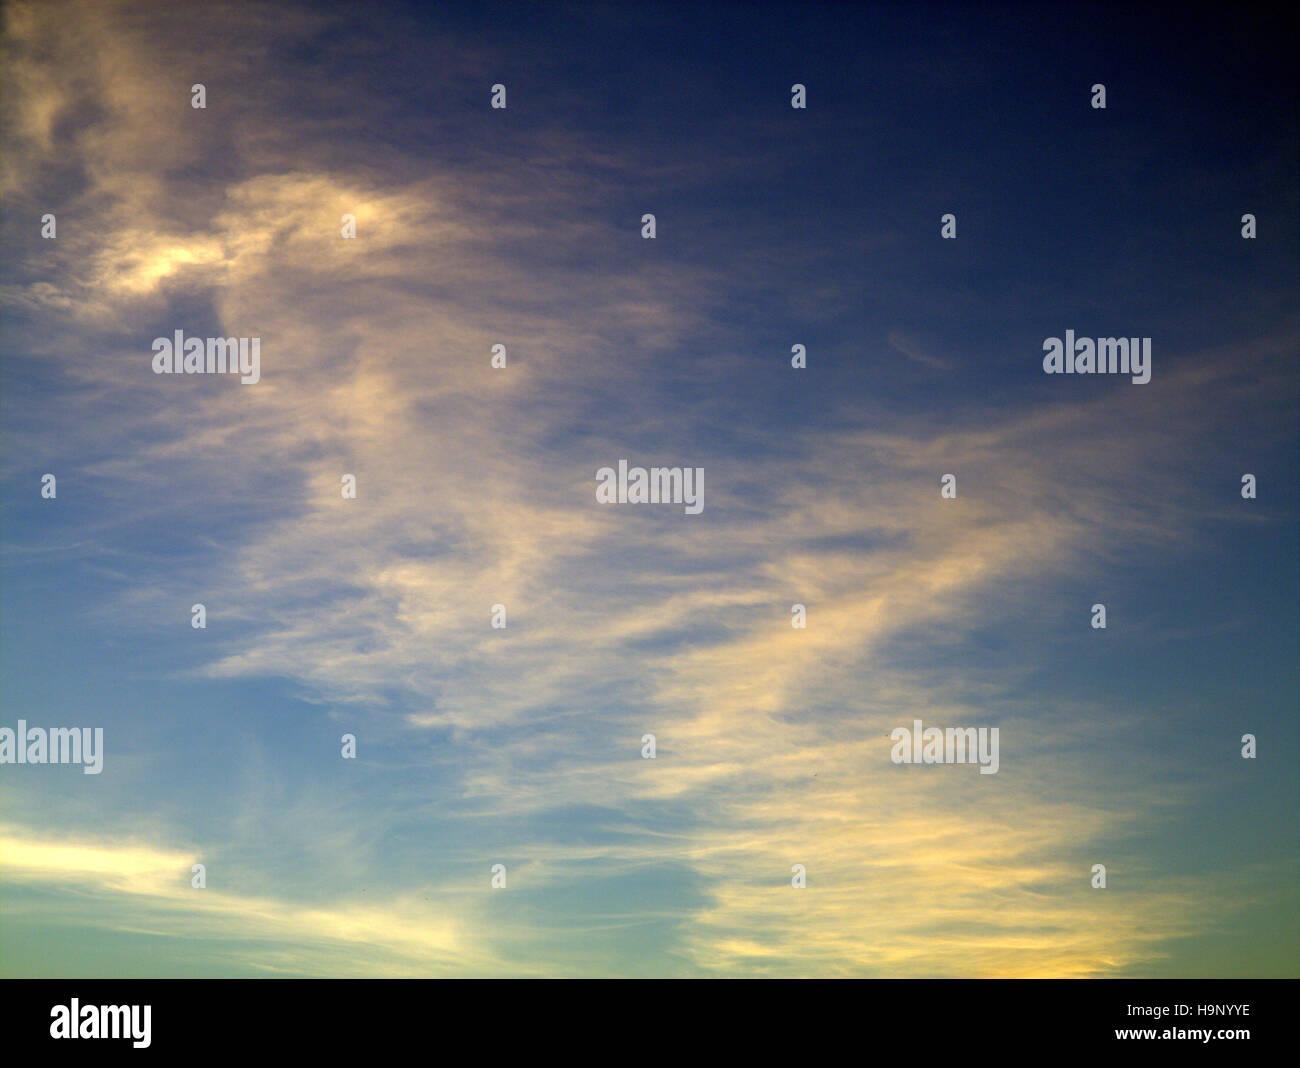 Resumen Antecedentes La nube azul cielo azul caricatura Imagen De Stock